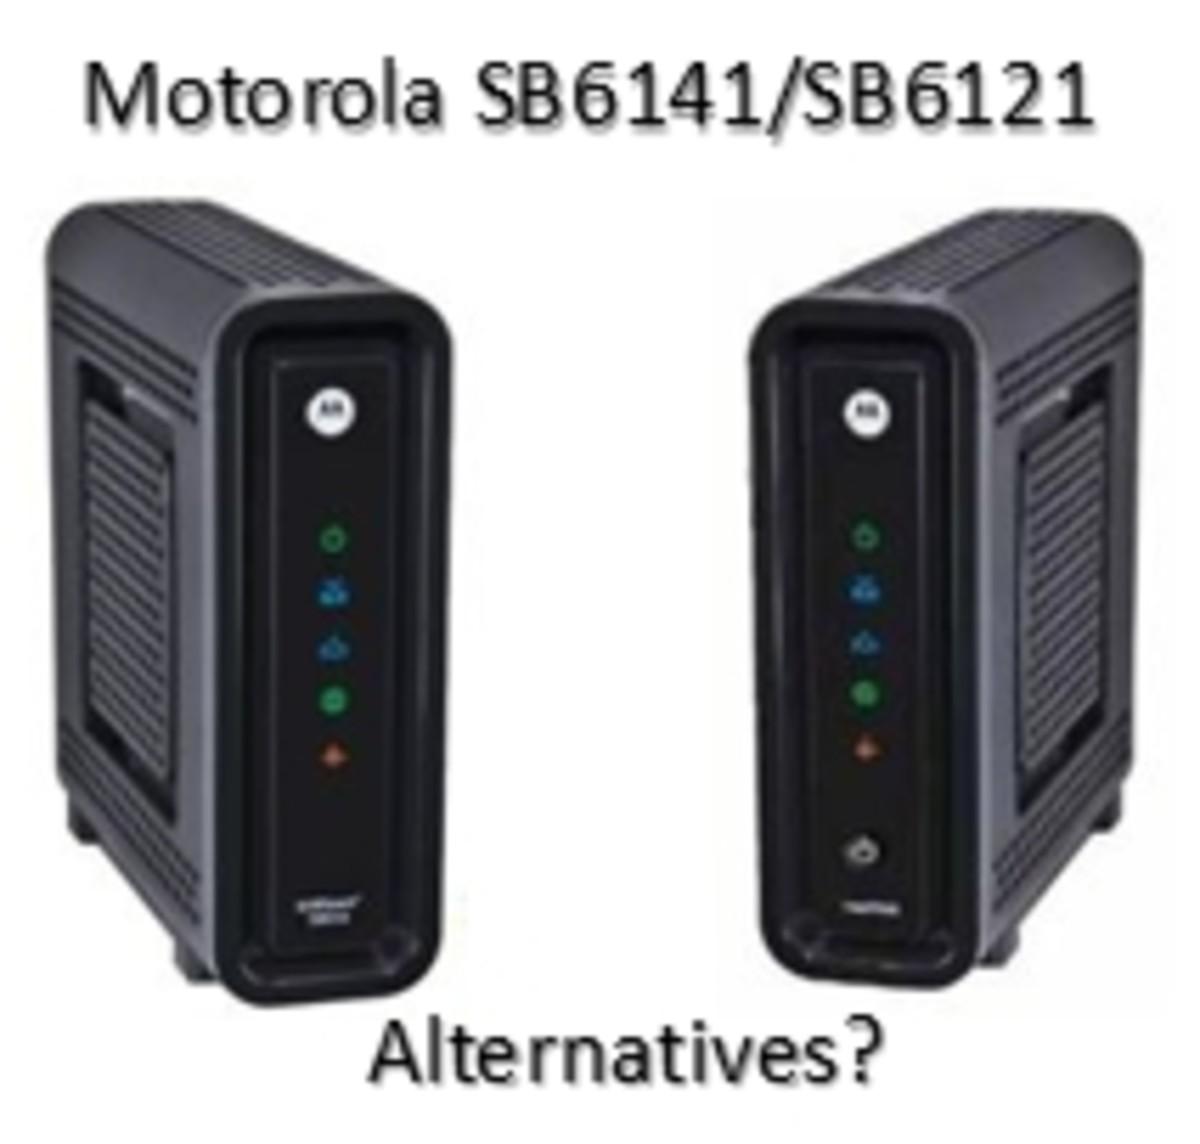 Other alternatives to Motorola SB6141 or SB6121?